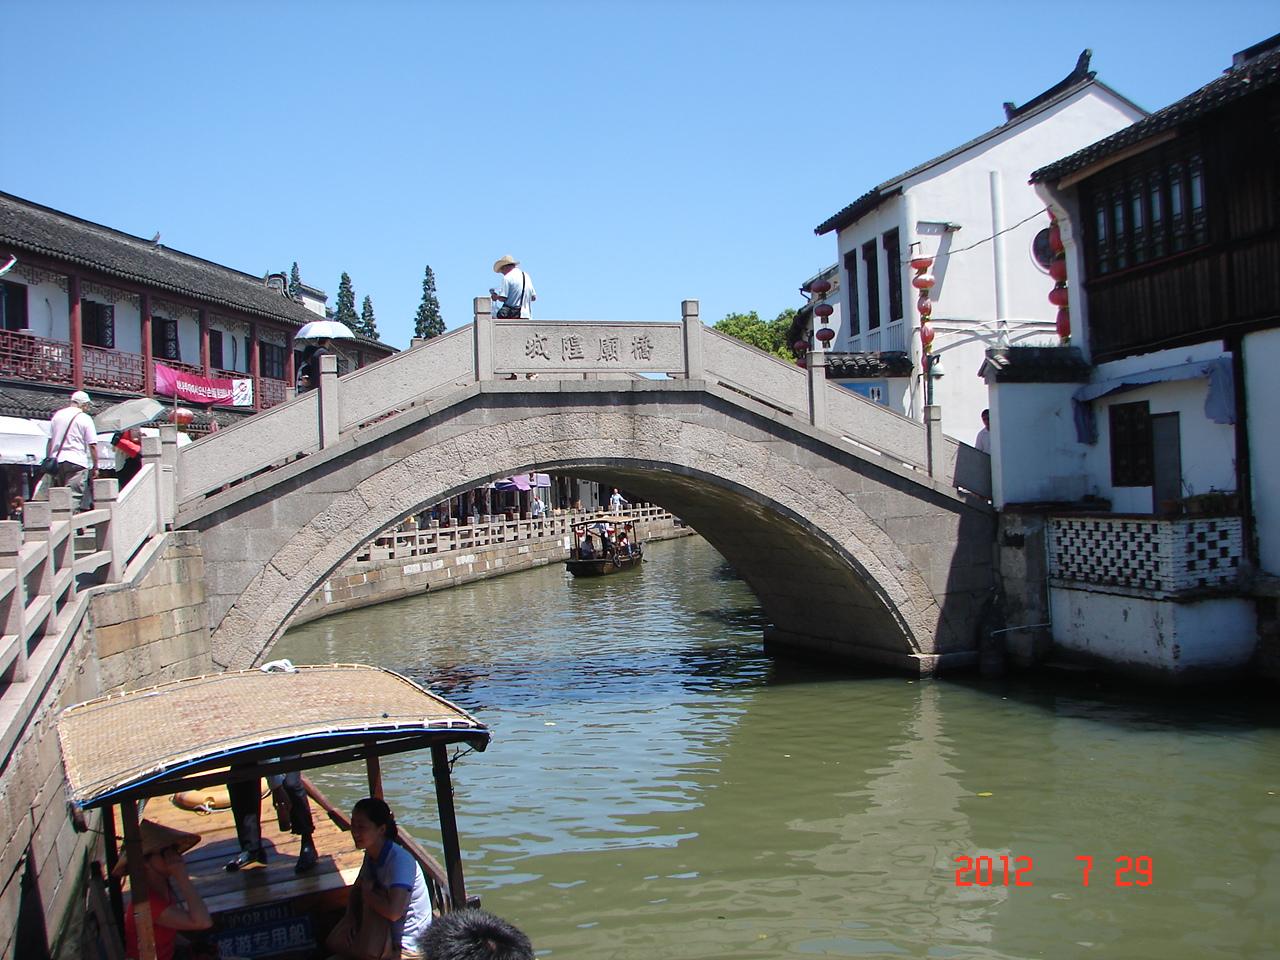 各种各样的造型,有单拱桥